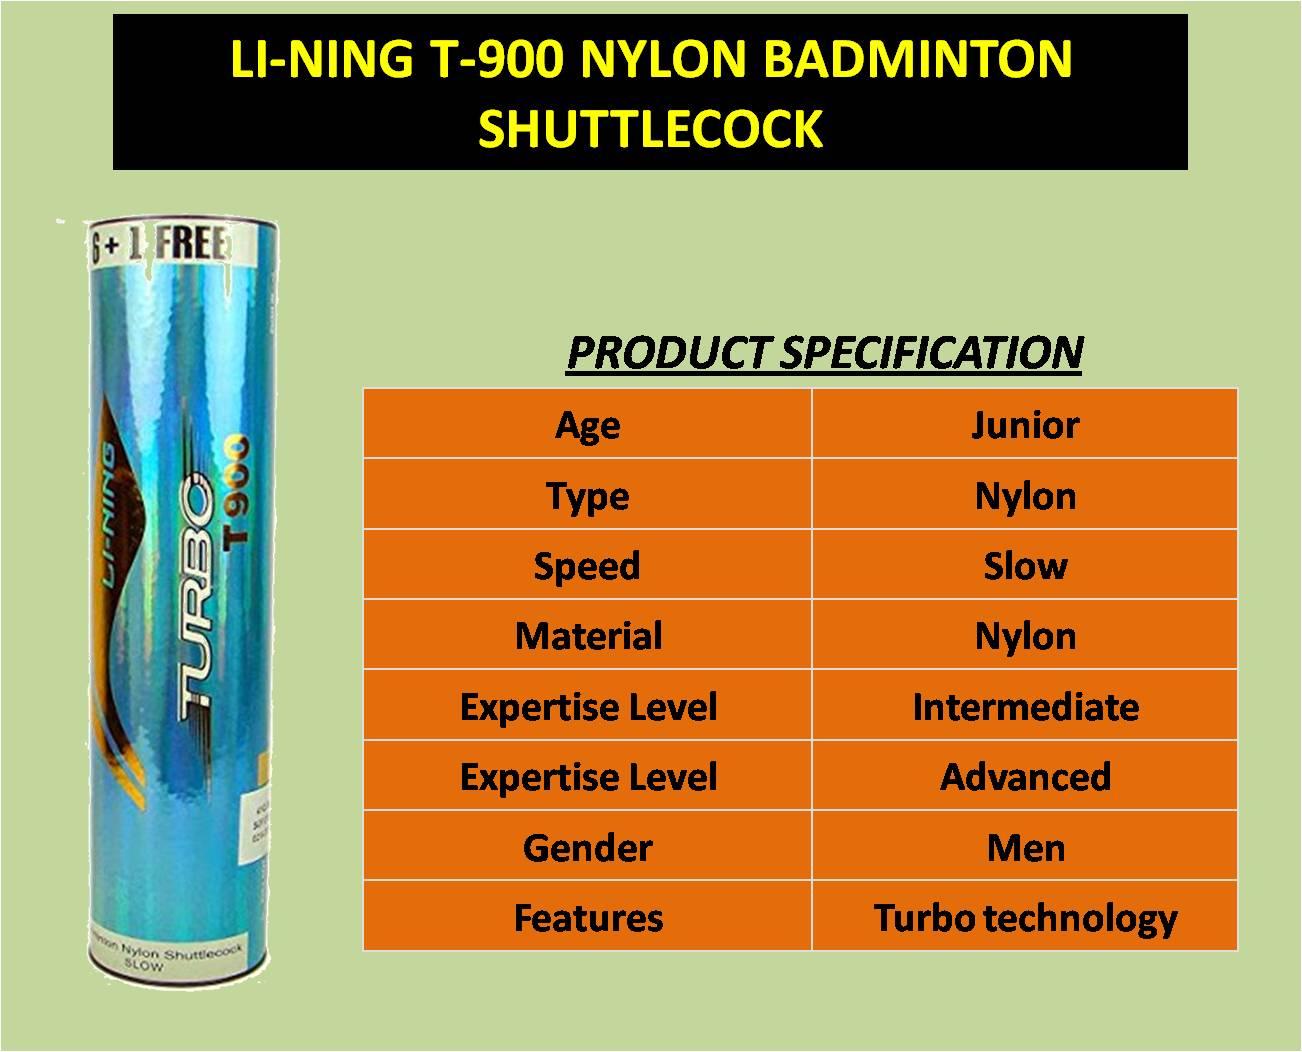 LI-NING T-900 NYLON BADMINTON SHUTTLECOCK